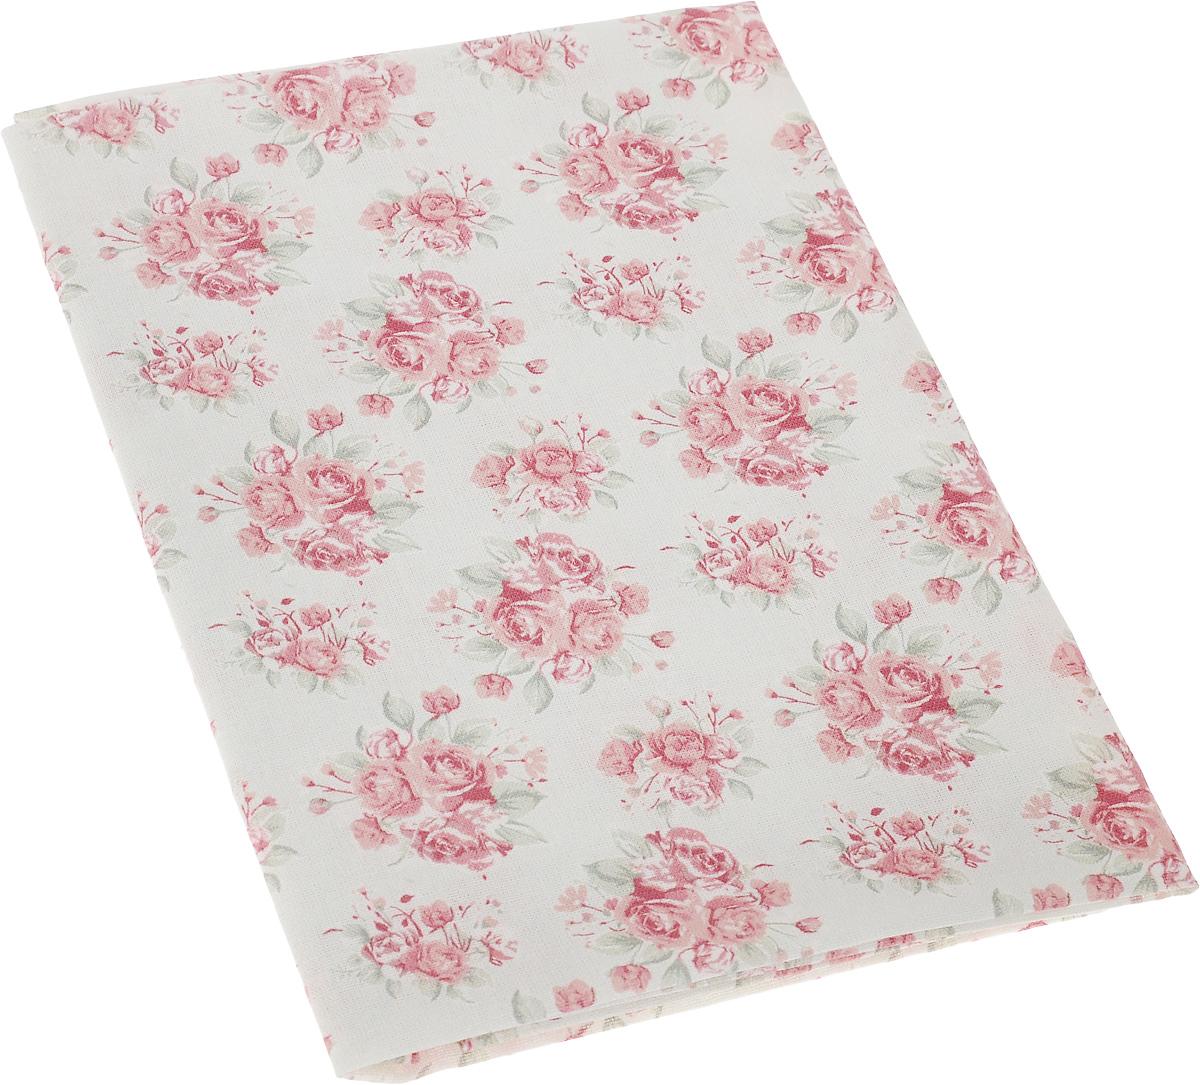 Ткань для пэчворка Артмикс Розы, клетка и листочки, цвет: молочный, розовый, 48 x 50 смAM571008Ткань Артмикс Розы, клетка и листочки, изготовленная из 100% хлопка, предназначена для пошива одеял, покрывал, сумок, аппликаций и прочих изделий в технике пэчворк. Также подходит для пошива кукол, аксессуаров и одежды. Пэчворк - это вид рукоделия, при котором по принципу мозаики сшивается цельное изделие из кусочков ткани (лоскутков). Плотность ткани: 120 г/м2. УВАЖАЕМЫЕ КЛИЕНТЫ! Обращаем ваше внимание, на тот факт, что размер отреза может отличаться на 1-2 см.